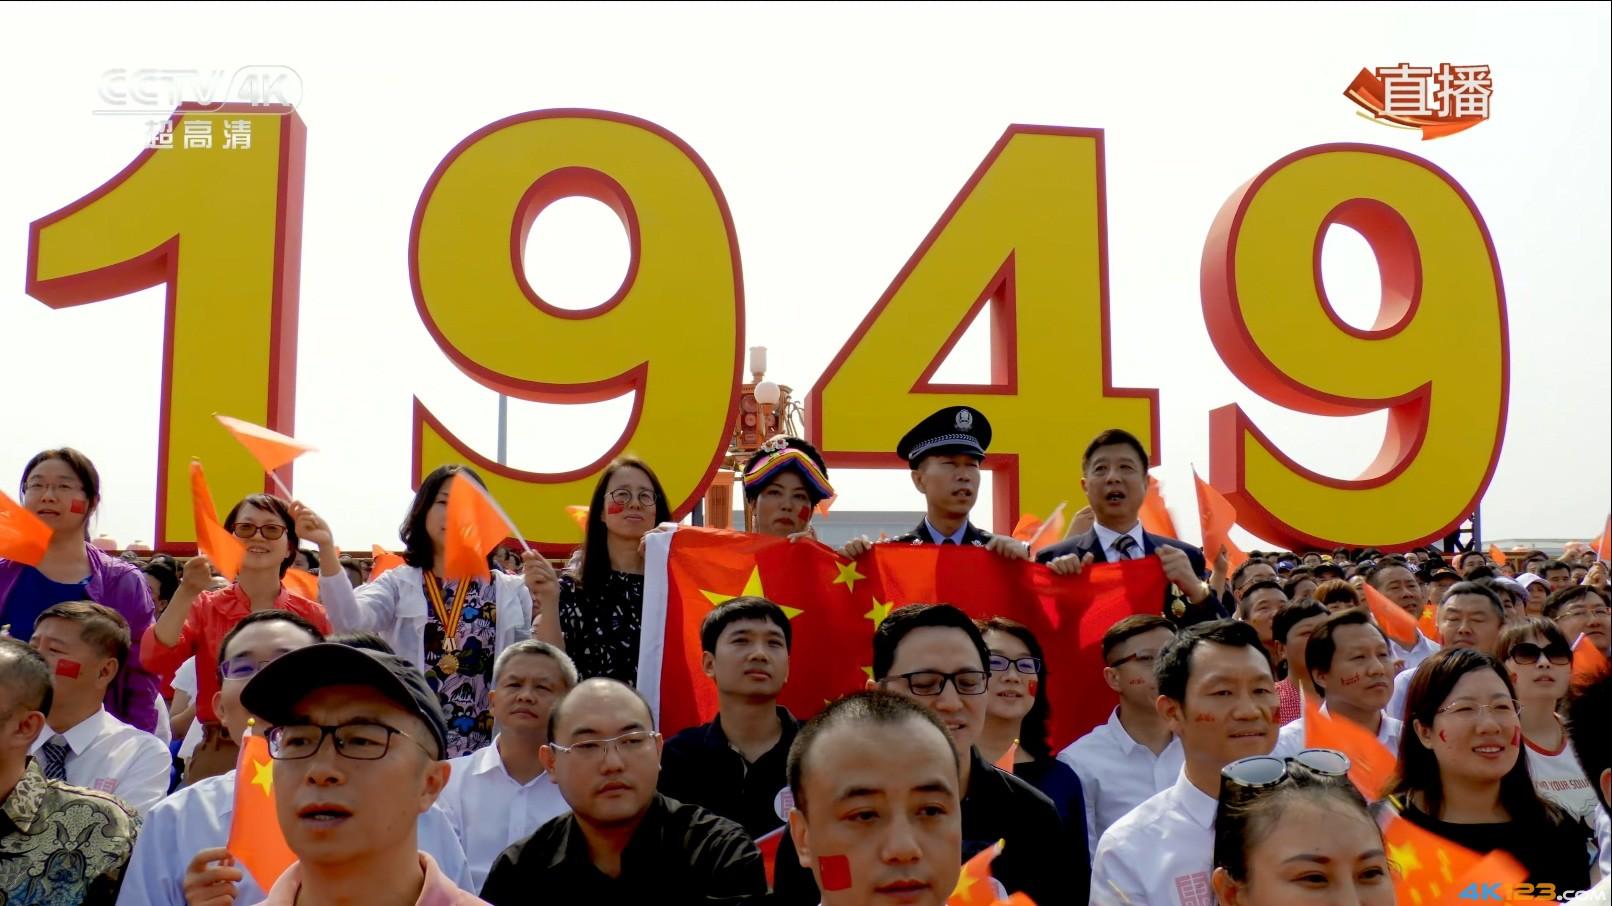 直播版 22.8G 2019年10月1日中华人民共和国成立70周年大会阅兵仪式+群众游行+前后报道.jpg